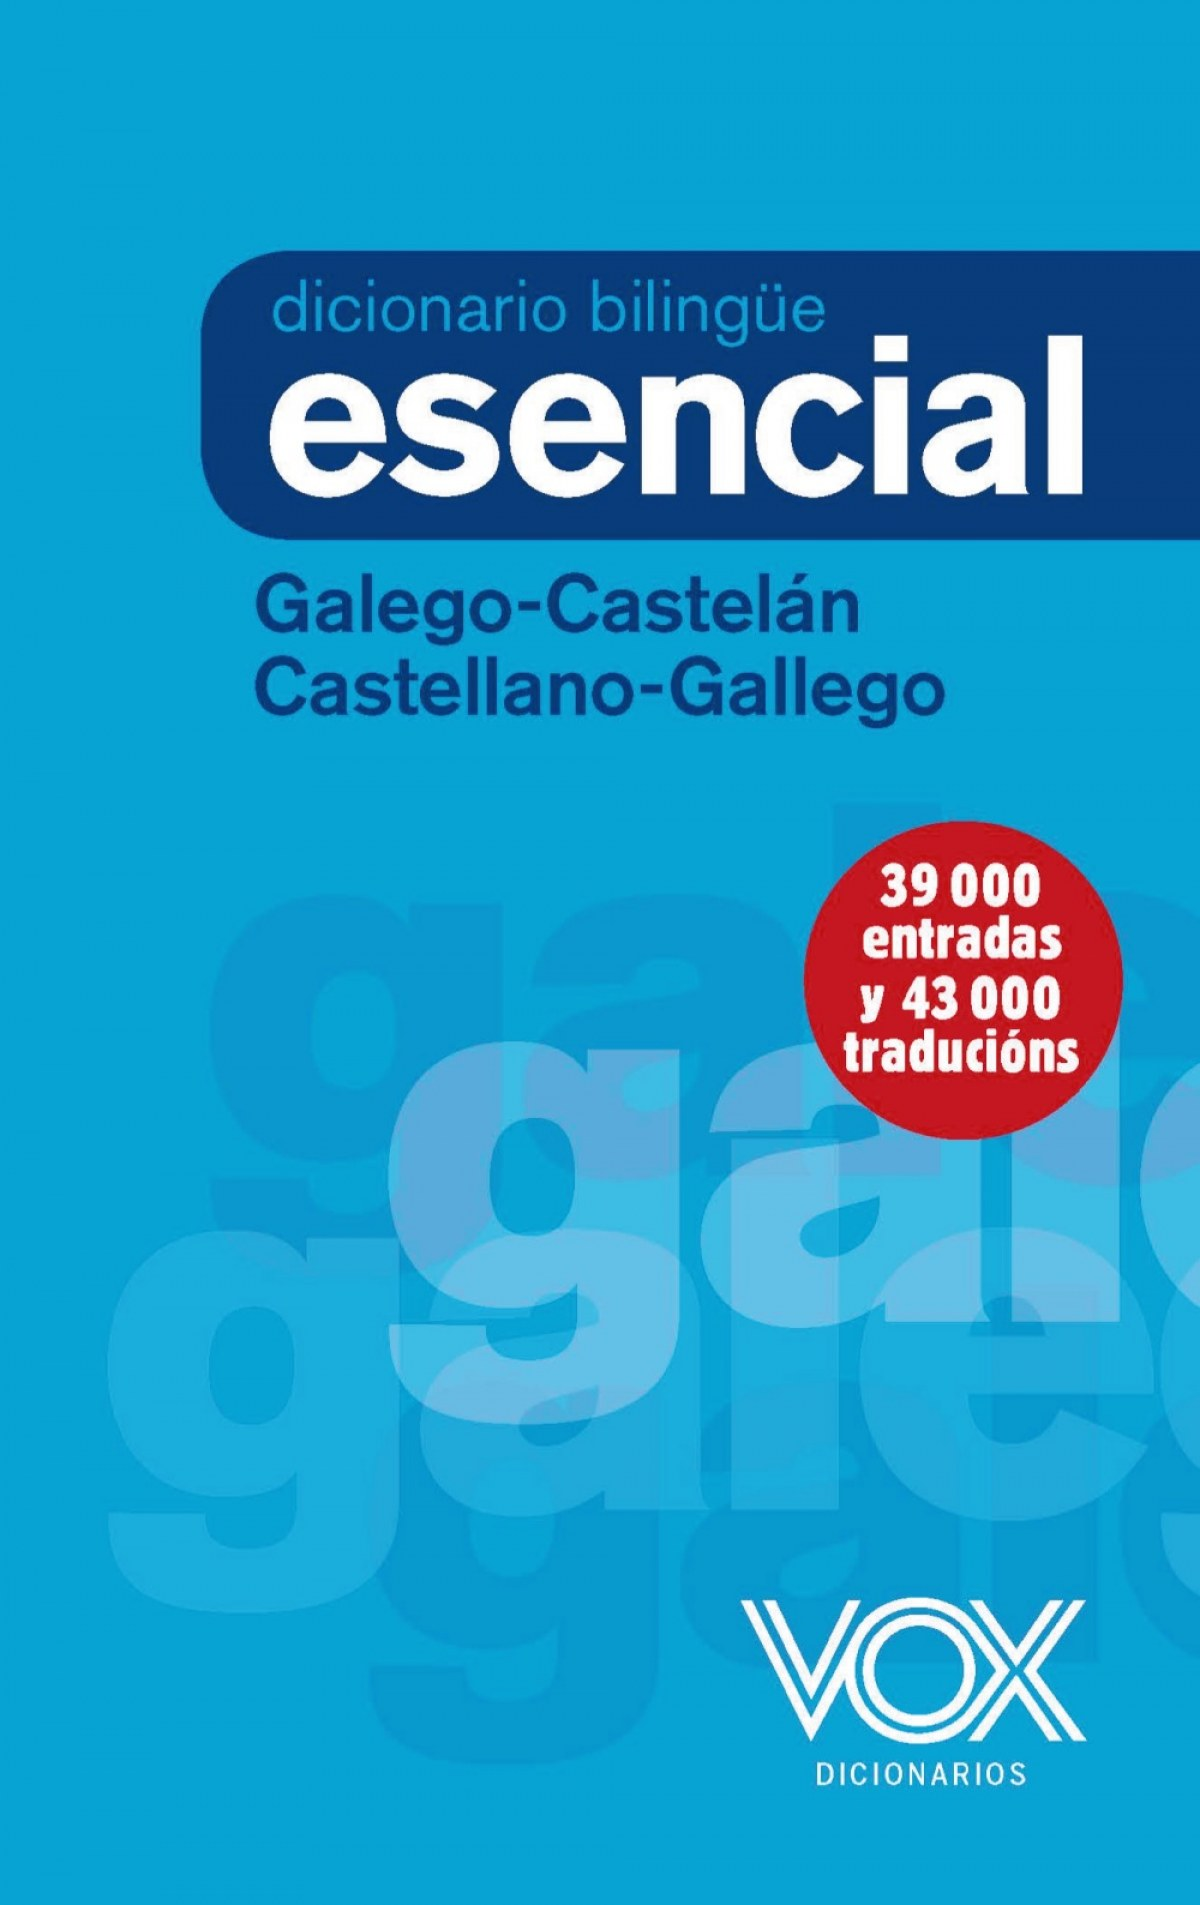 DICCIONARIO ESENCIAL GALEGO/CASTELÁN CASTELLANO/GALLEGO 9788499743134